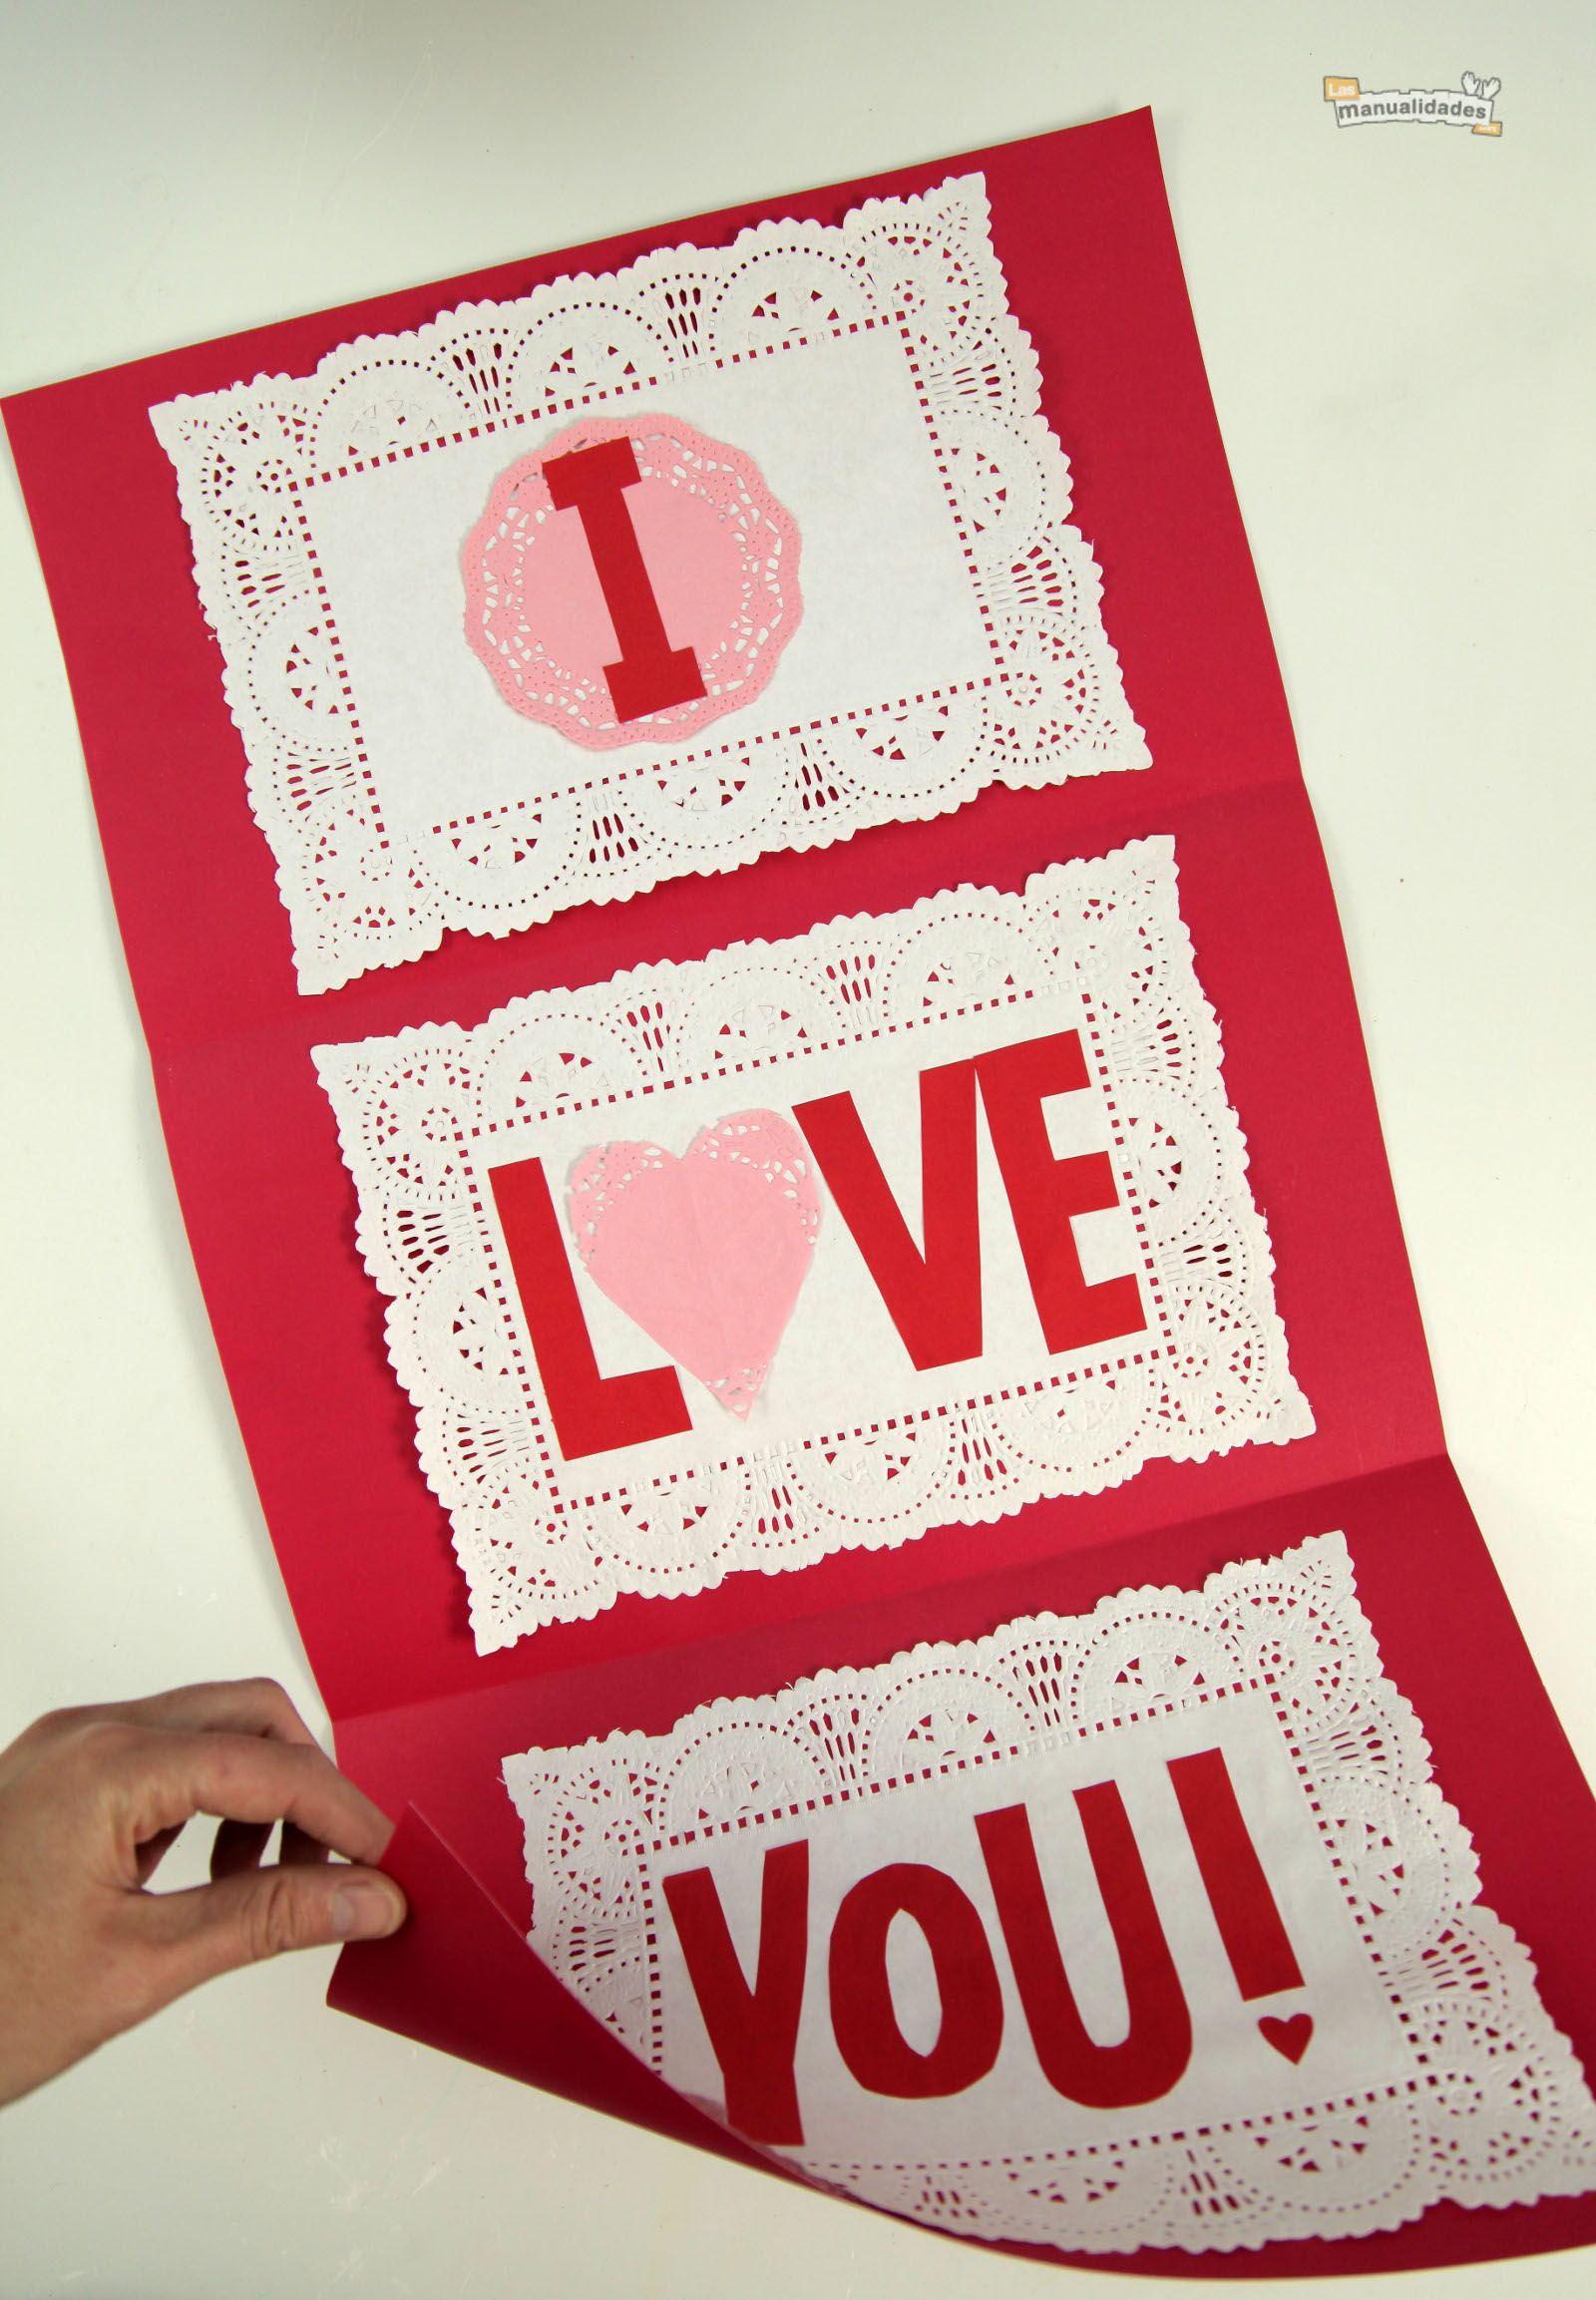 C mo hacer tarjetas de amor originales in love - Como hacer tarjetas navidenas originales ...